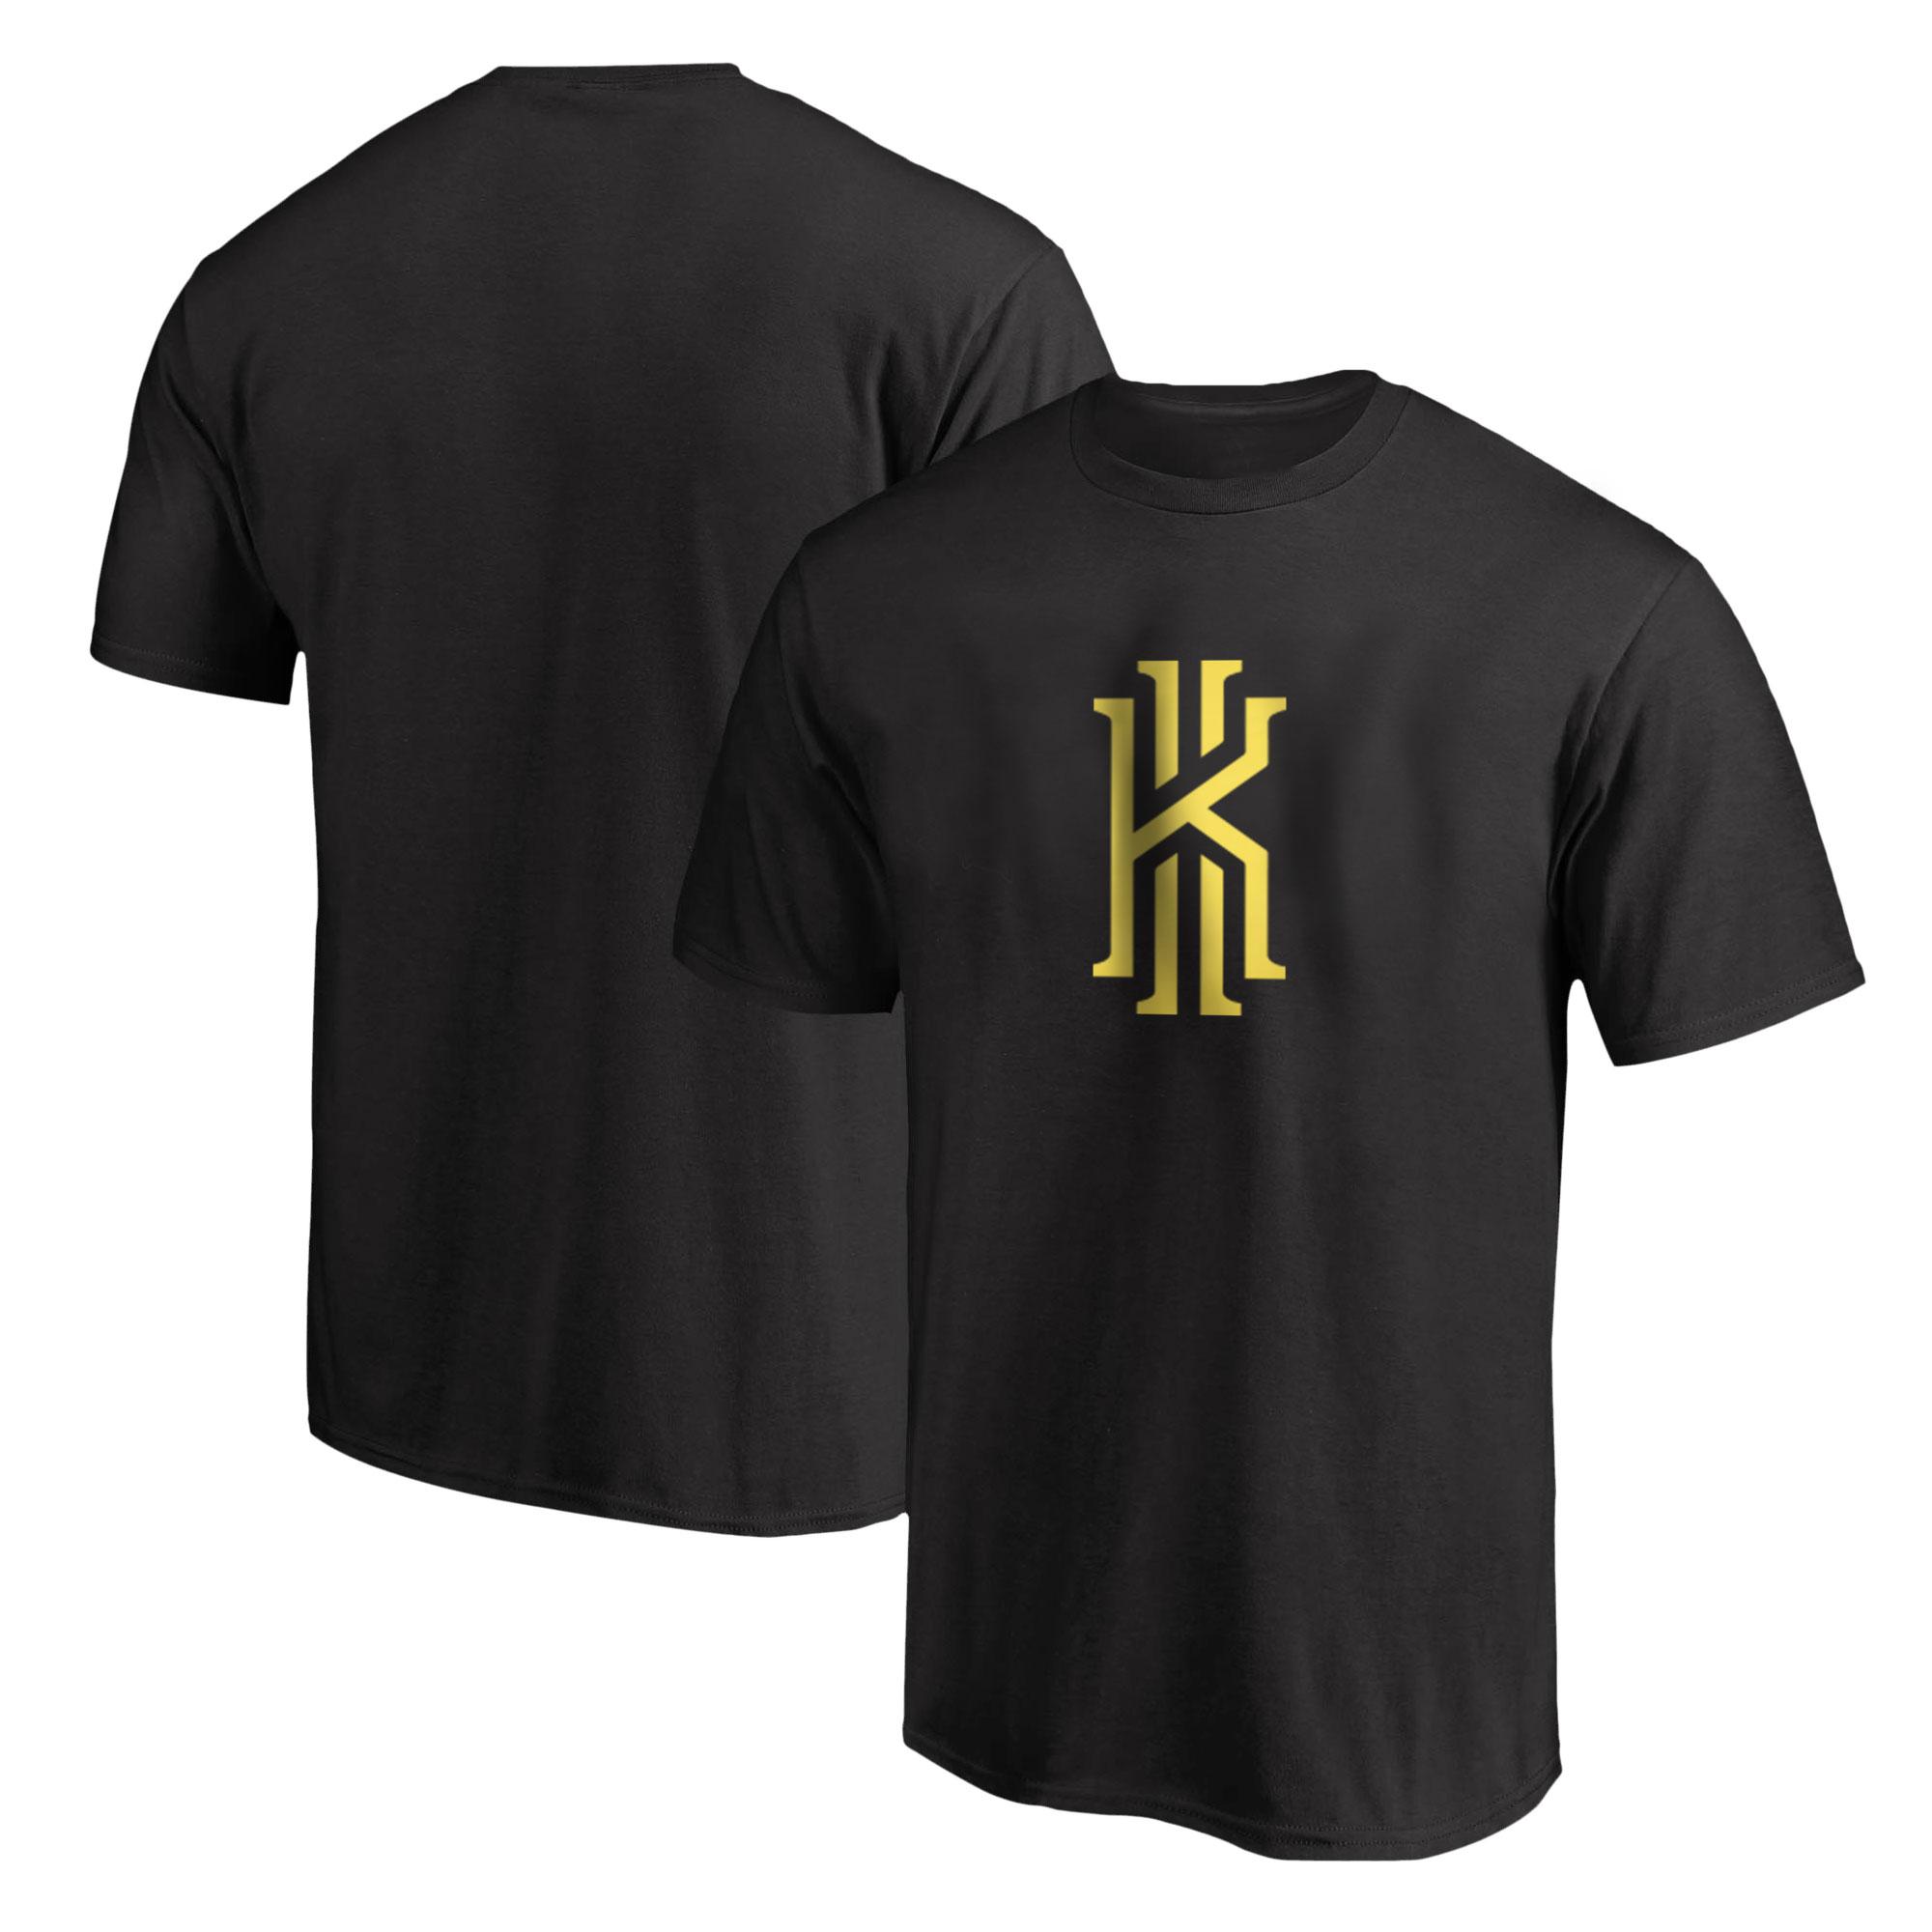 Kyrie Irving Gold Tshirt (TSH-BLC-PLT-30-GLD-KYRIE.LOGO)